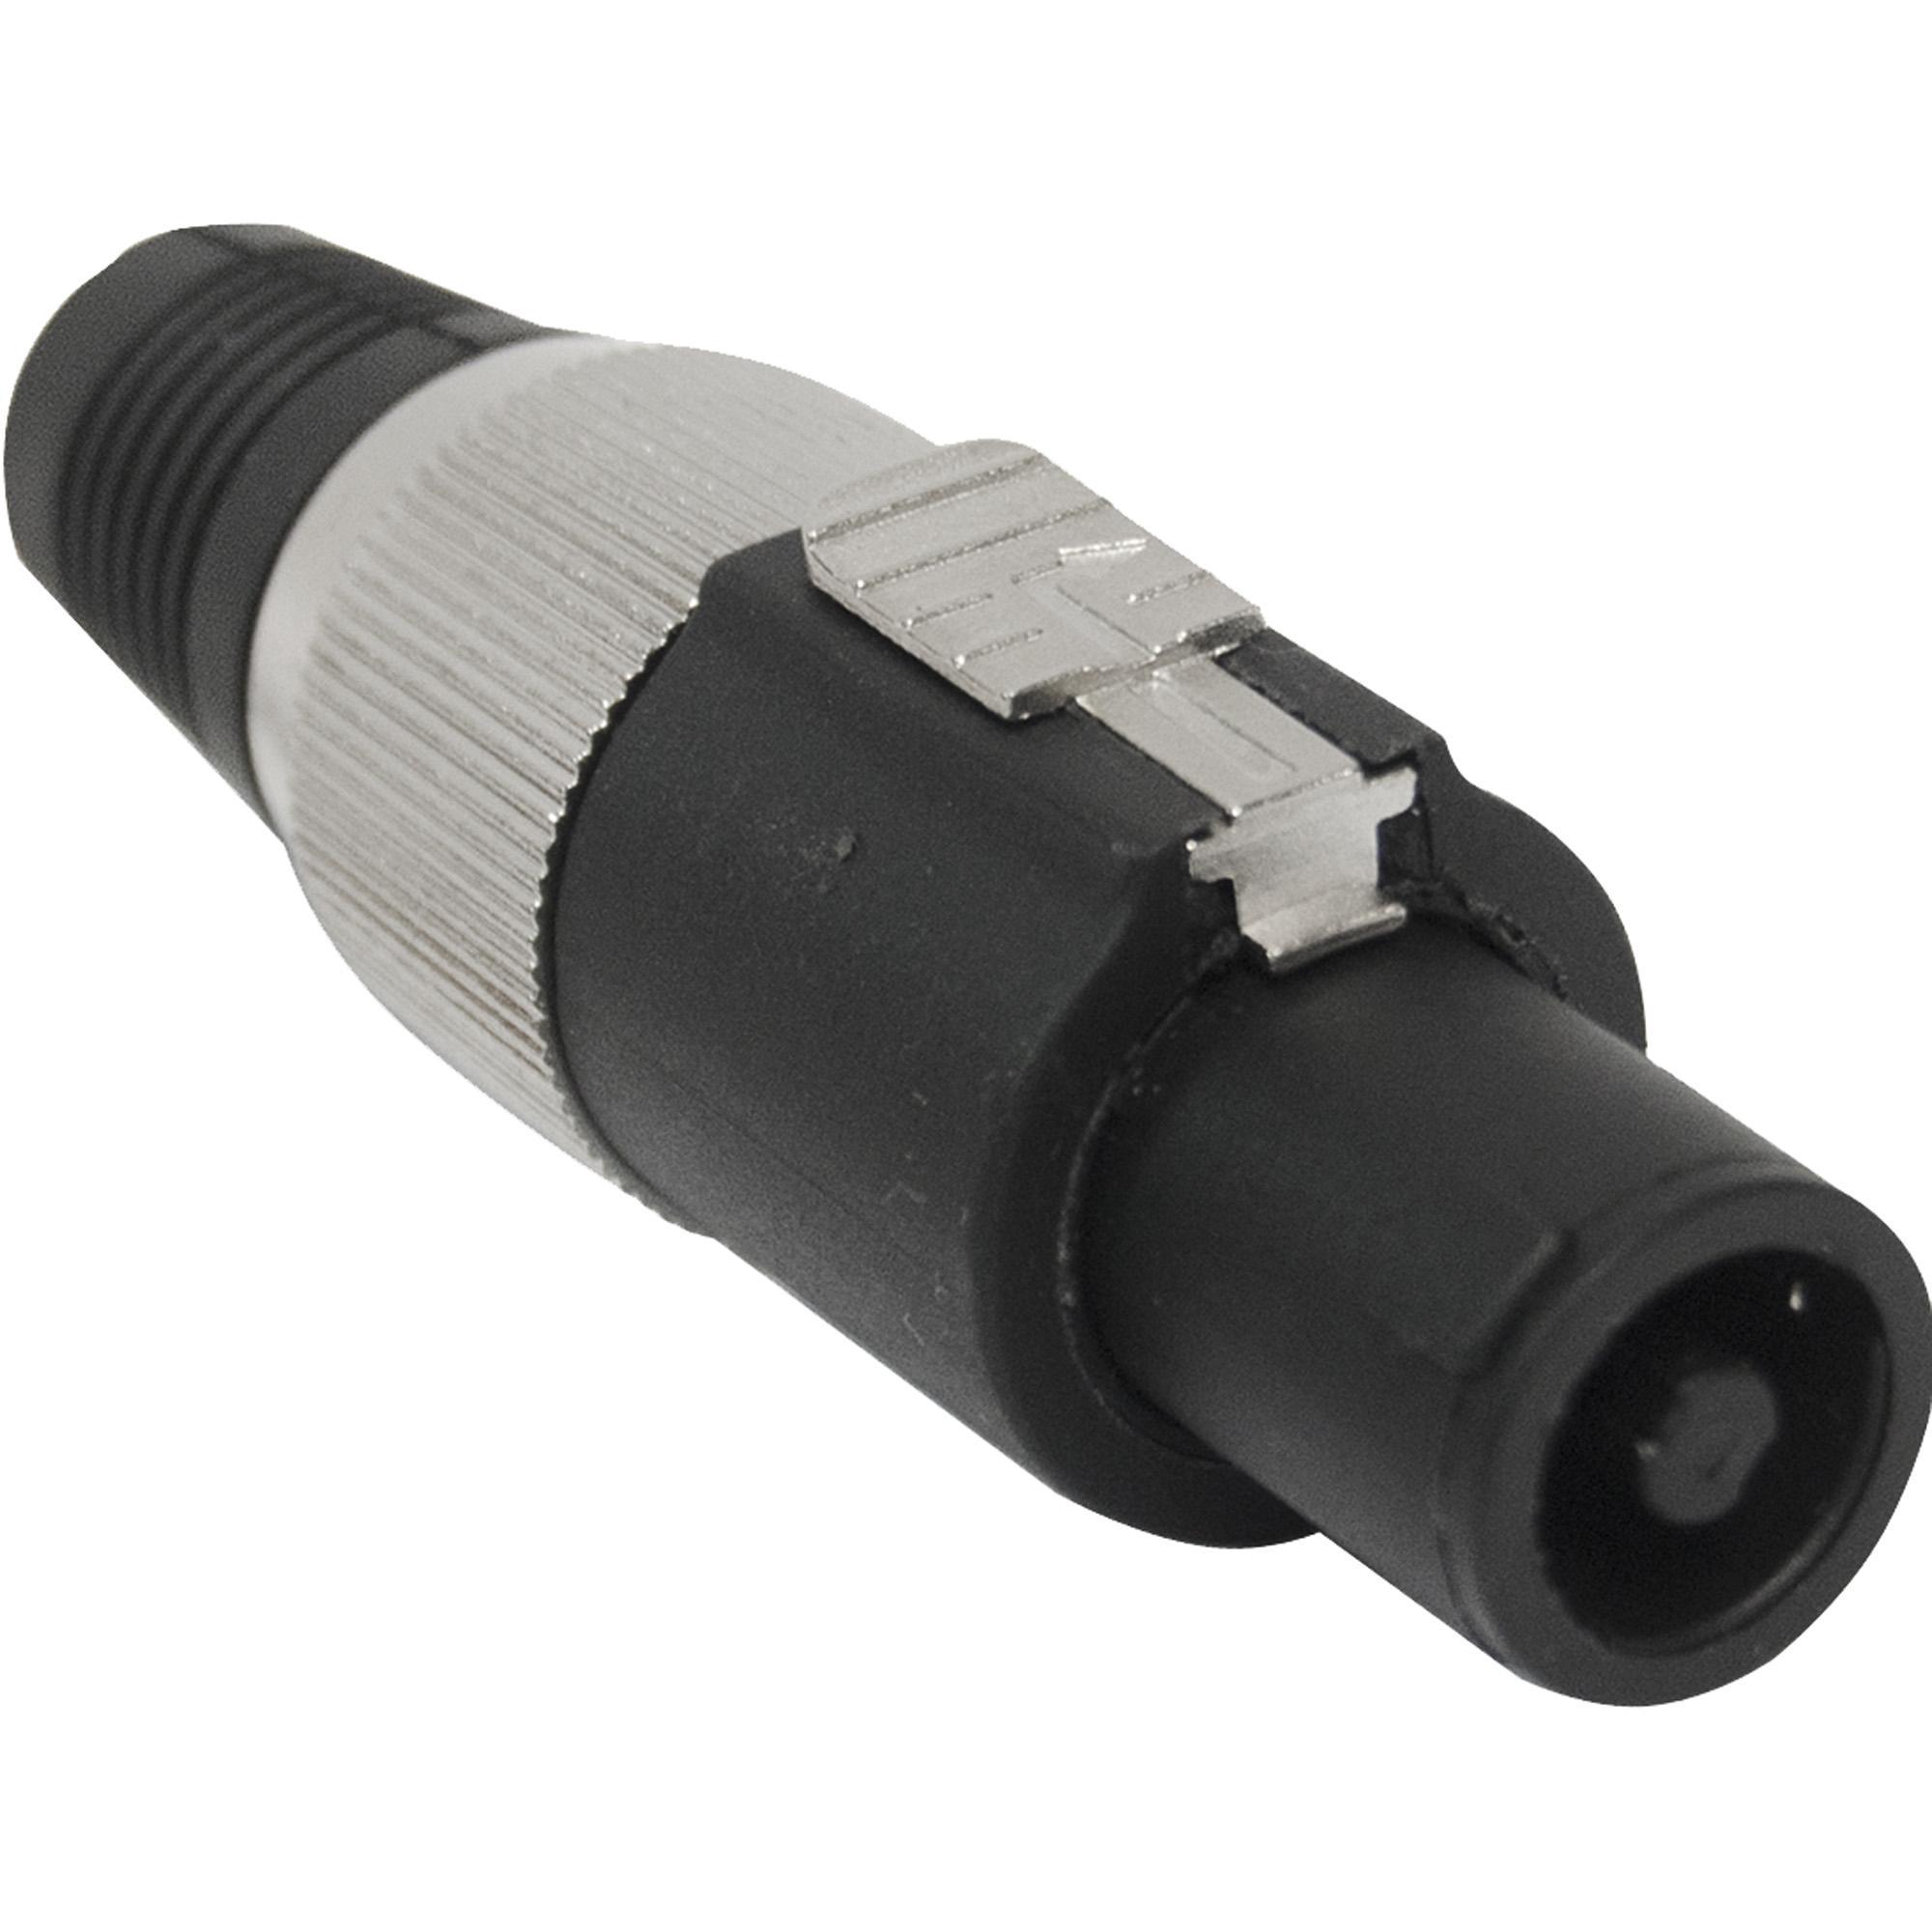 Conector Speakon de Linha Macho 4 Pólos PGSP0004 Preto/Cinza